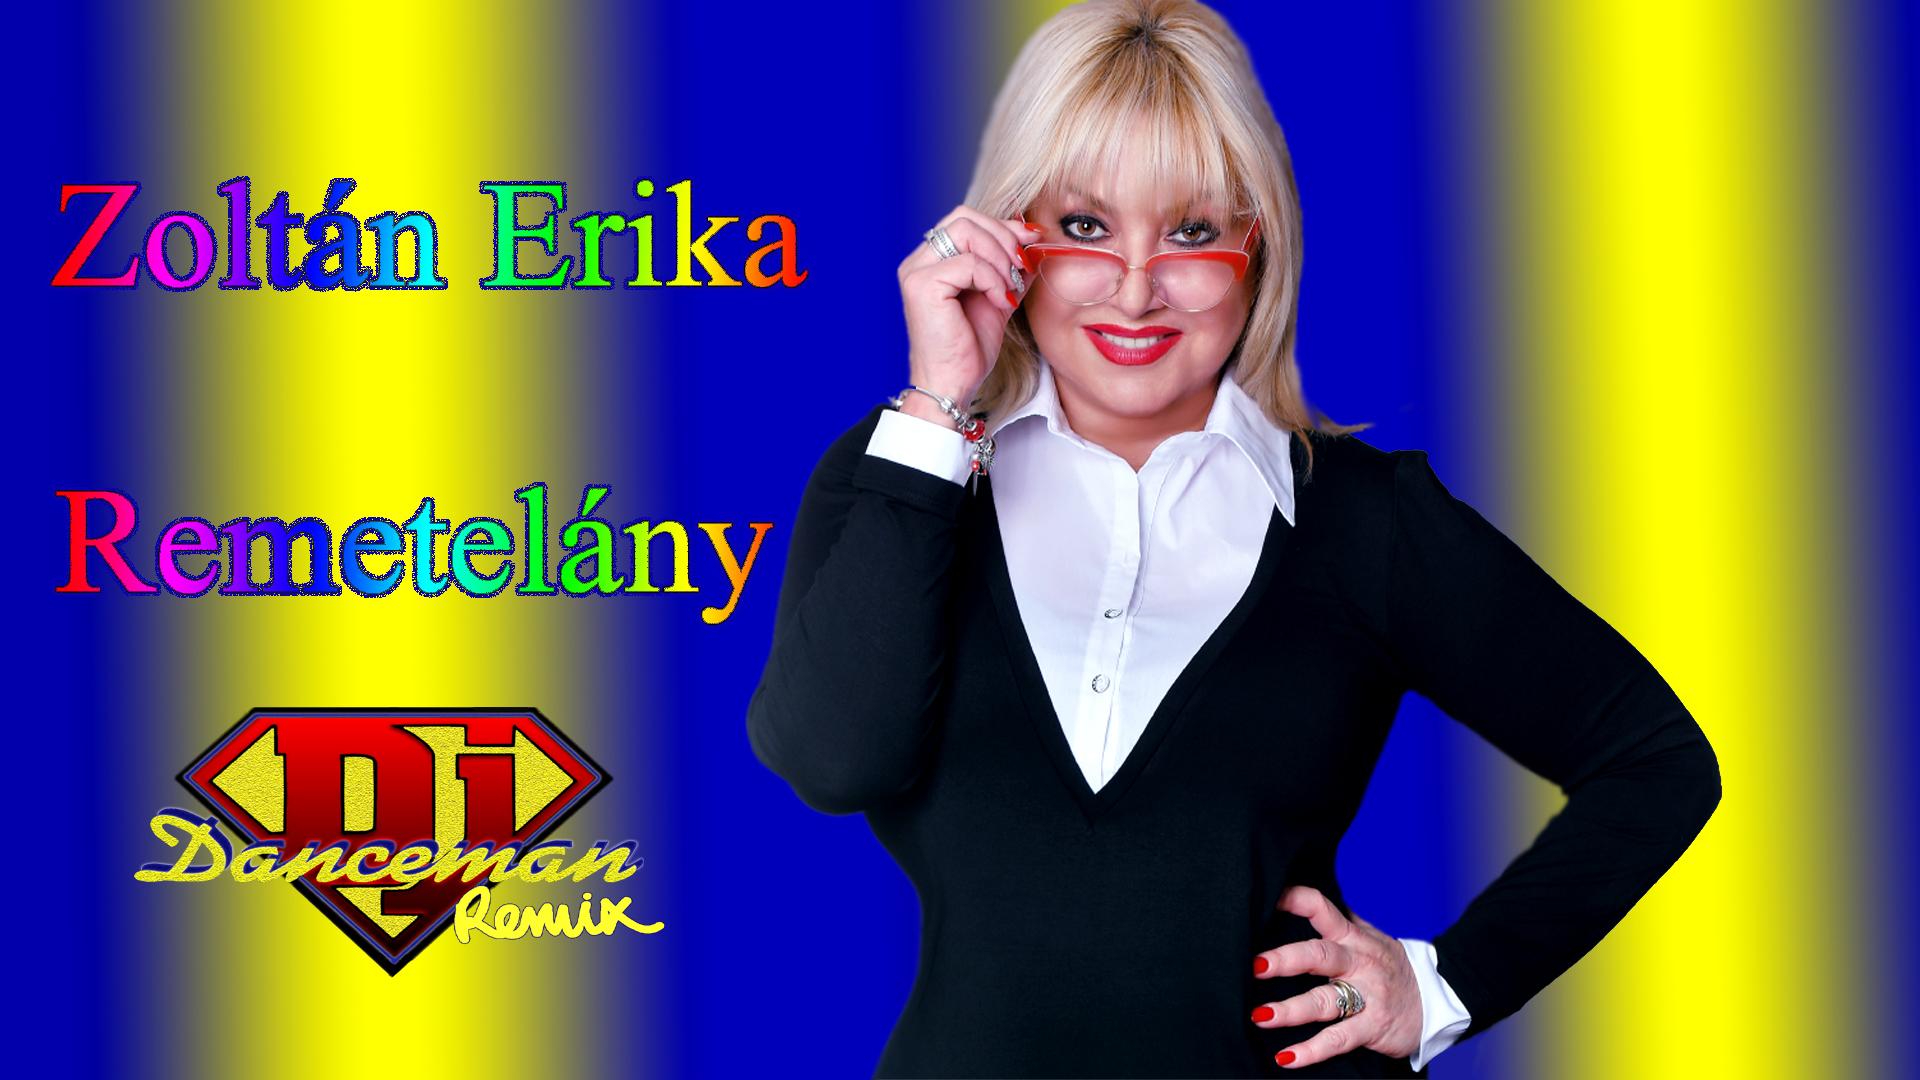 Zoltán Erika - Remetelány (Dj Danceman Remix)